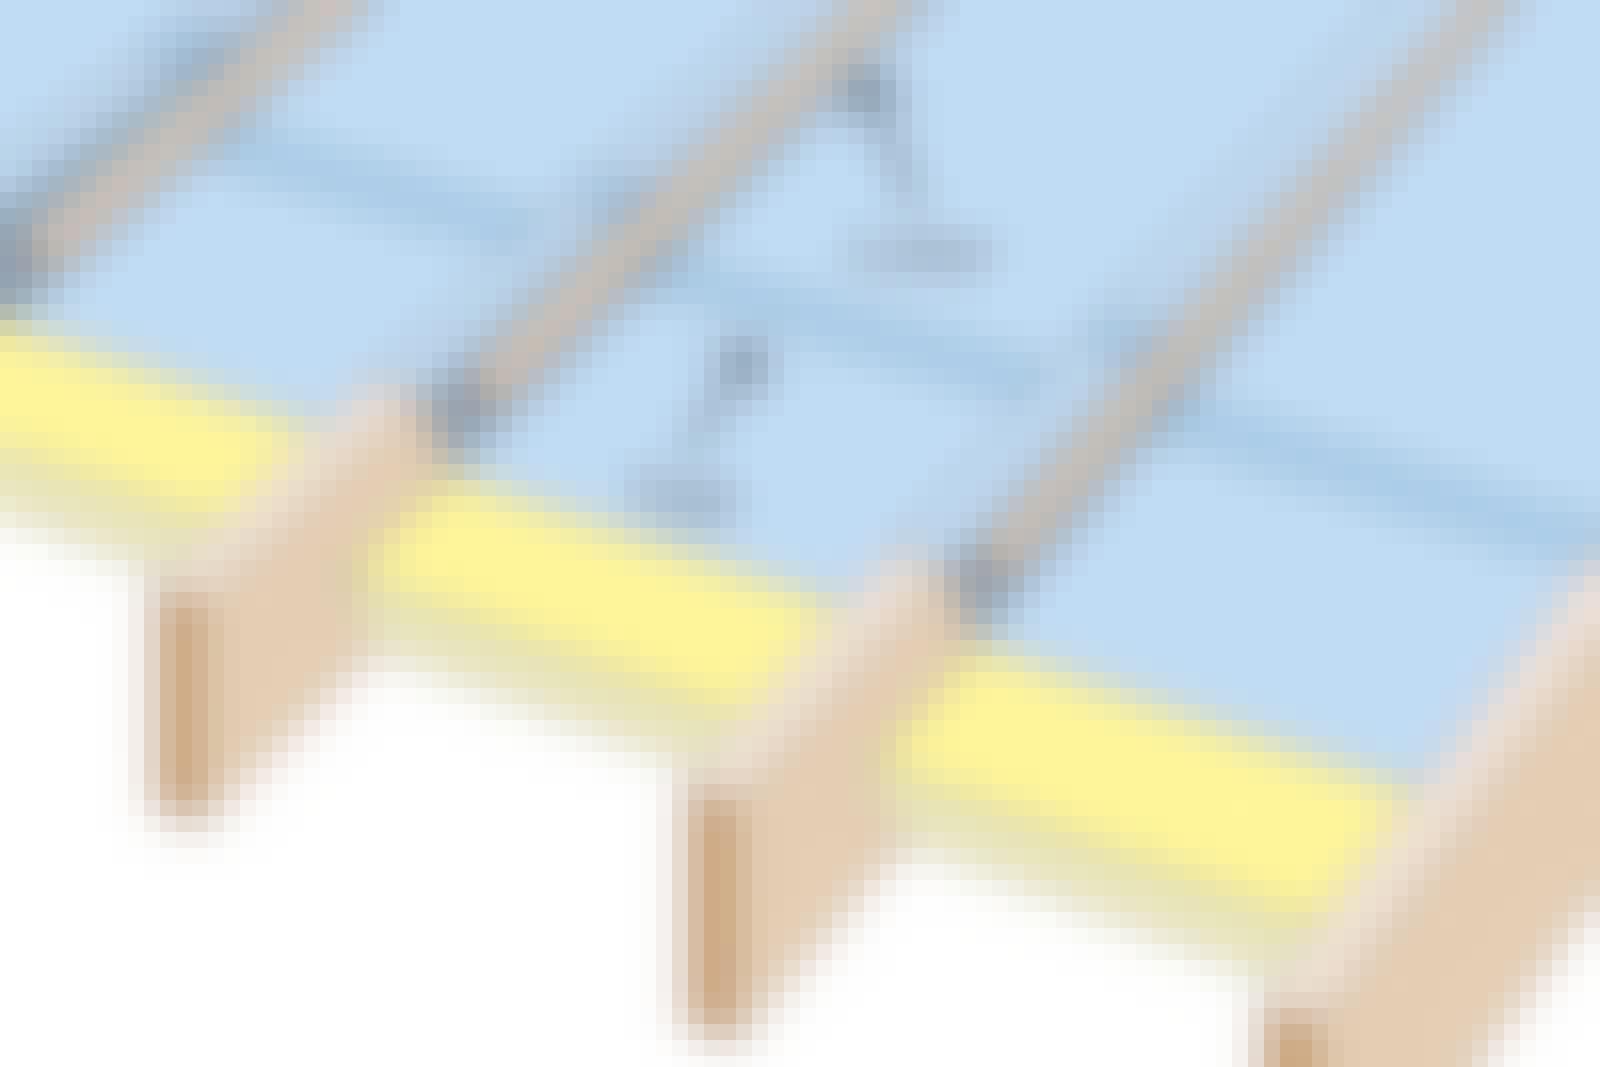 Täta ångspärrar: Över hela takstolen